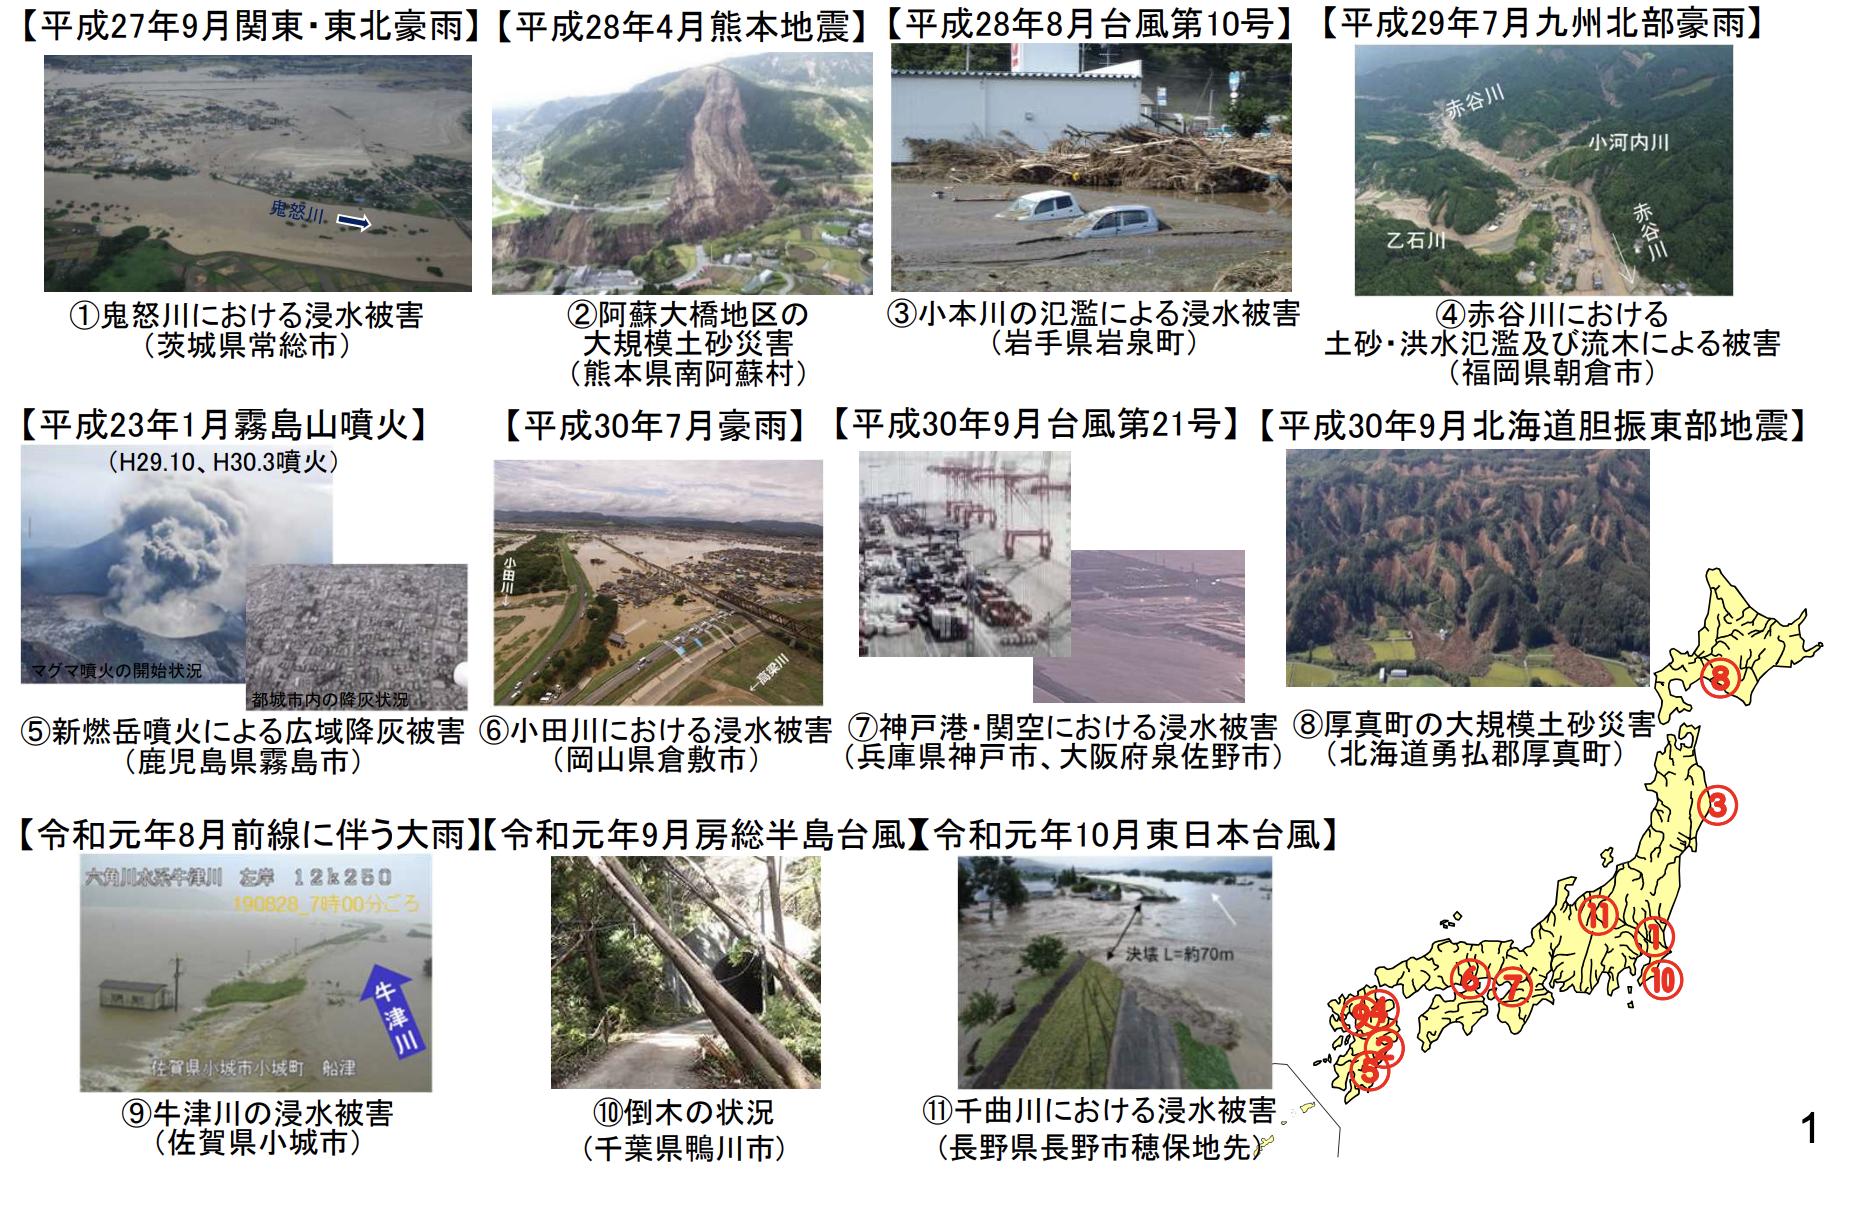 近年における自然災害の発生状況